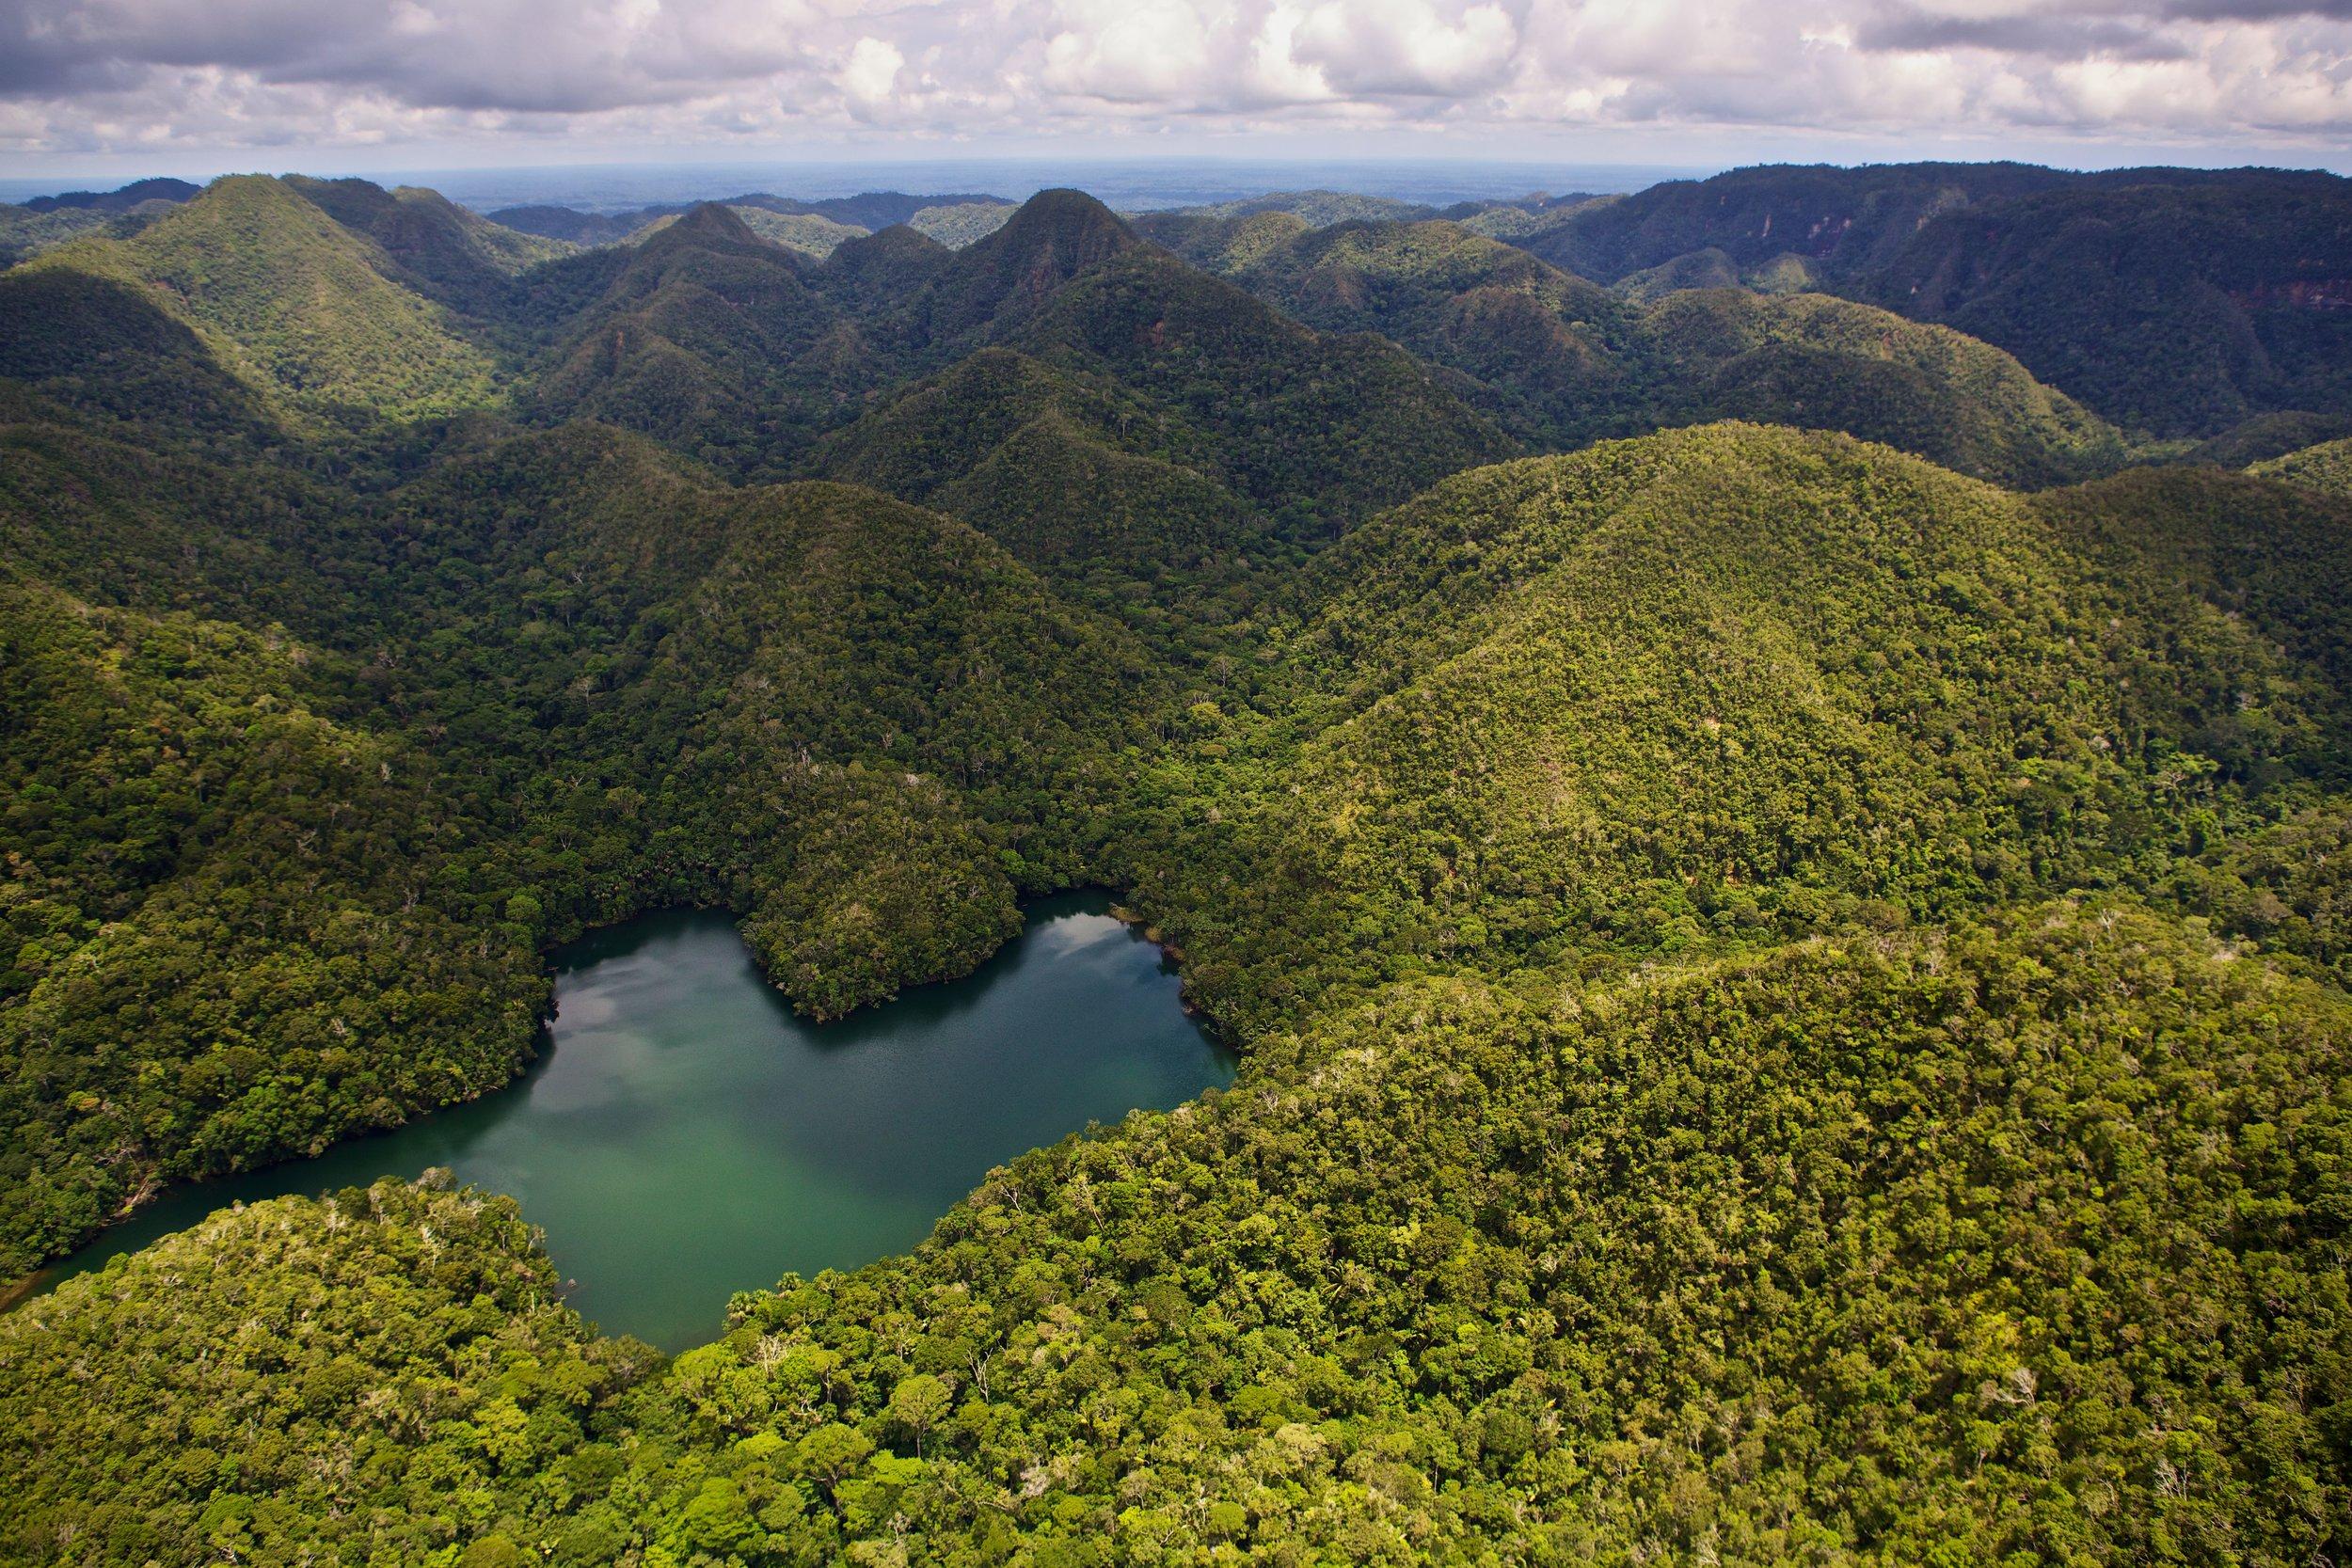 The Amazion Rainforest; Photo Credit: CEDIA